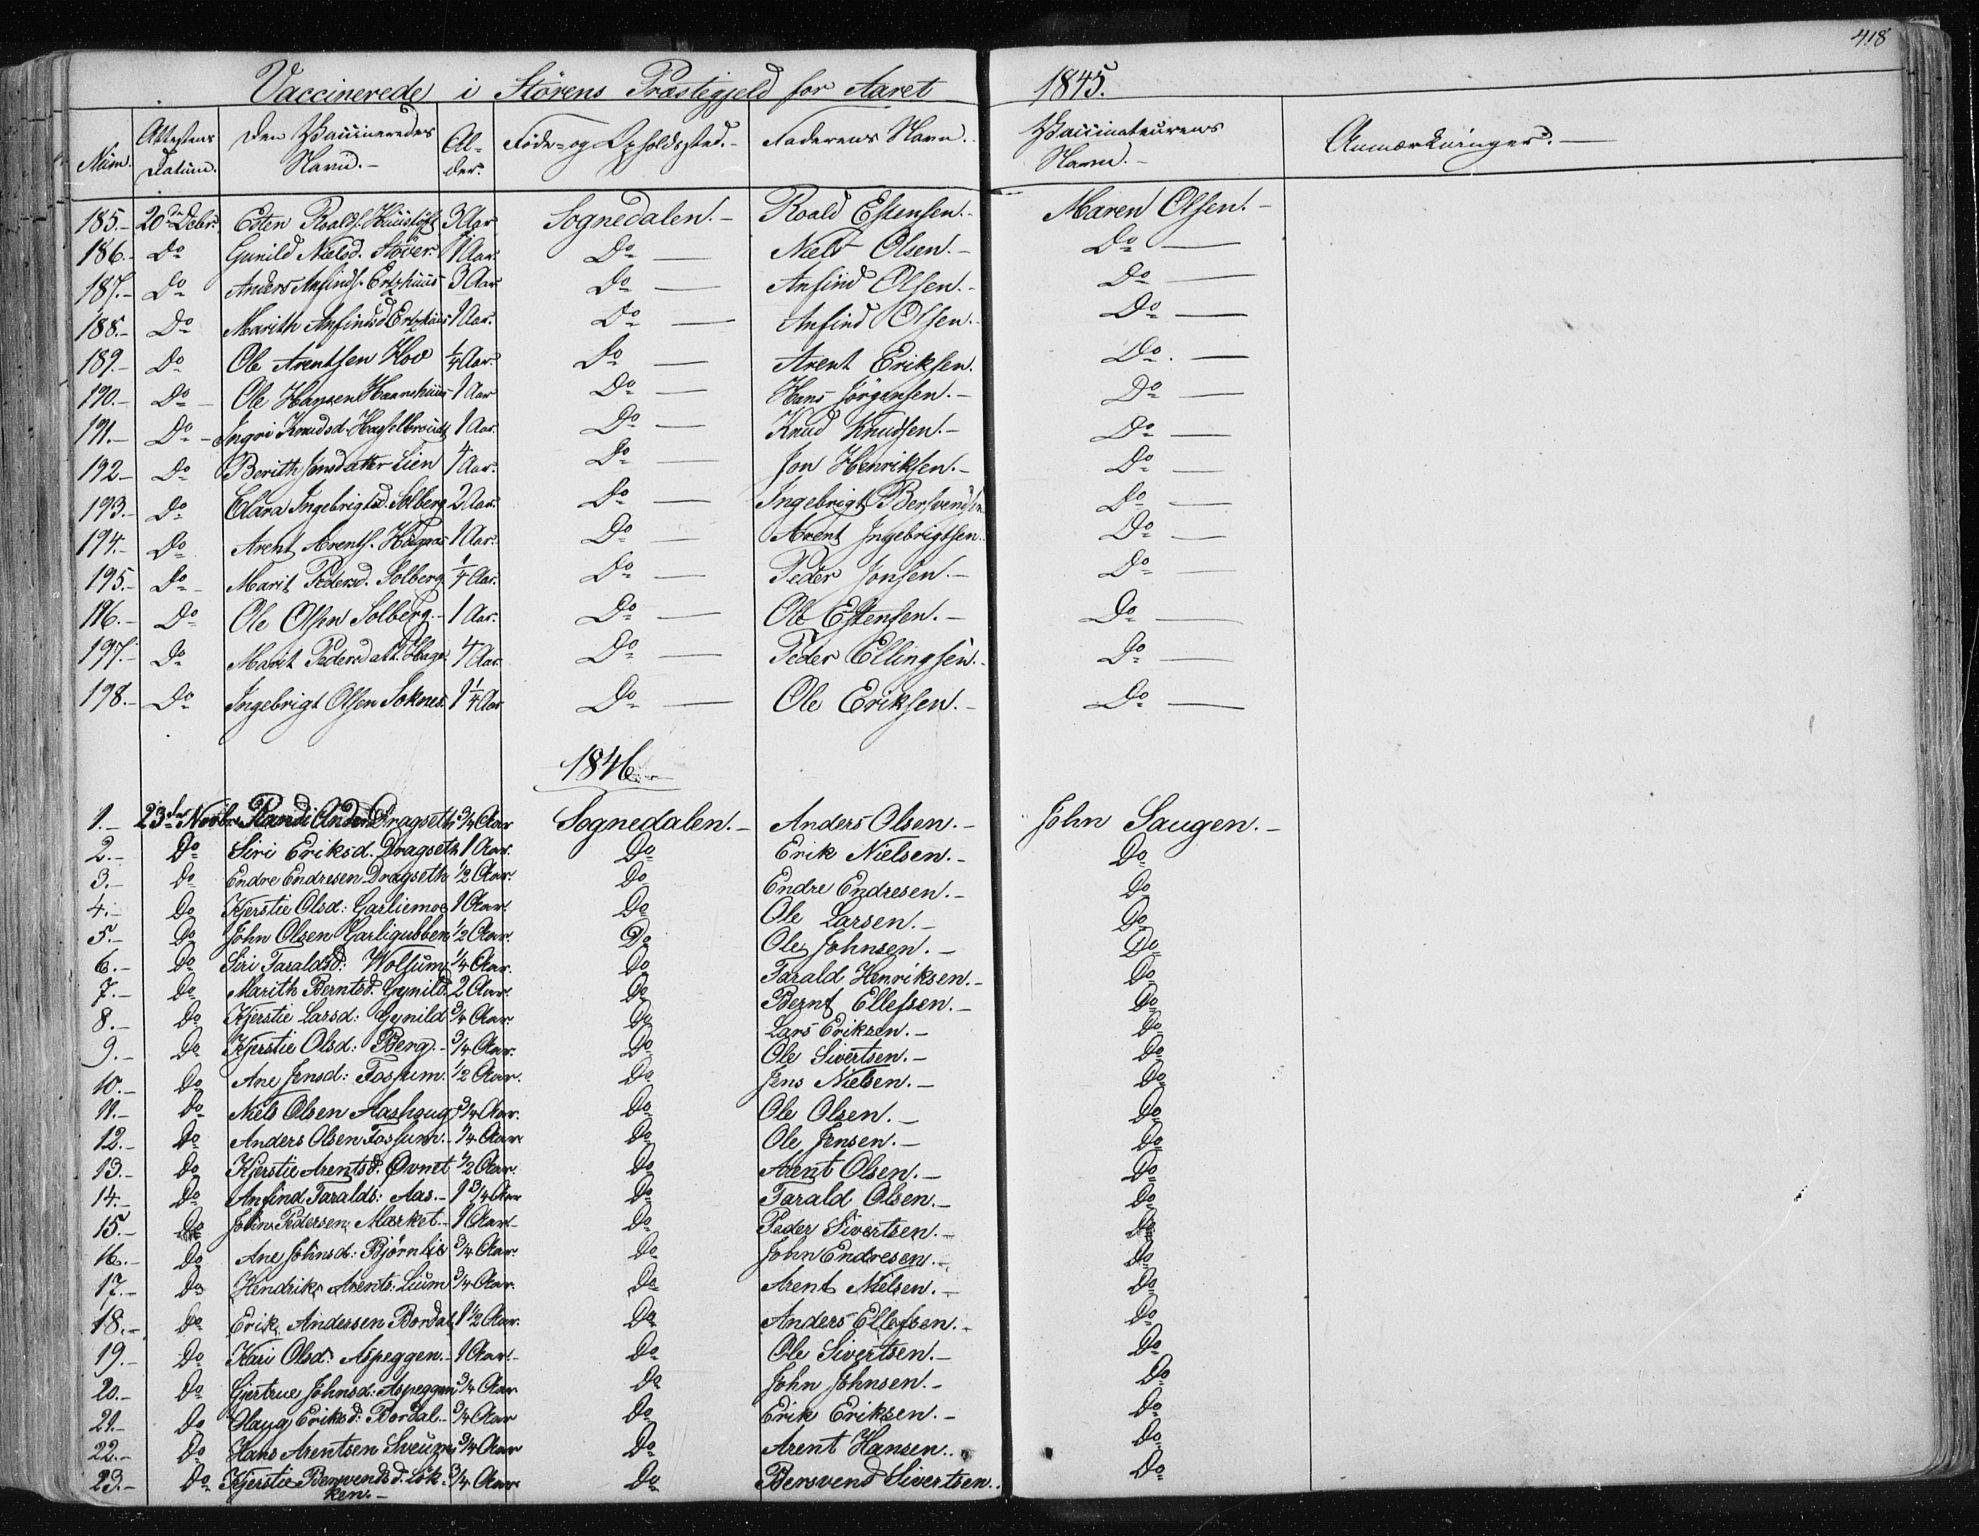 SAT, Ministerialprotokoller, klokkerbøker og fødselsregistre - Sør-Trøndelag, 687/L0997: Ministerialbok nr. 687A05 /1, 1843-1848, s. 418